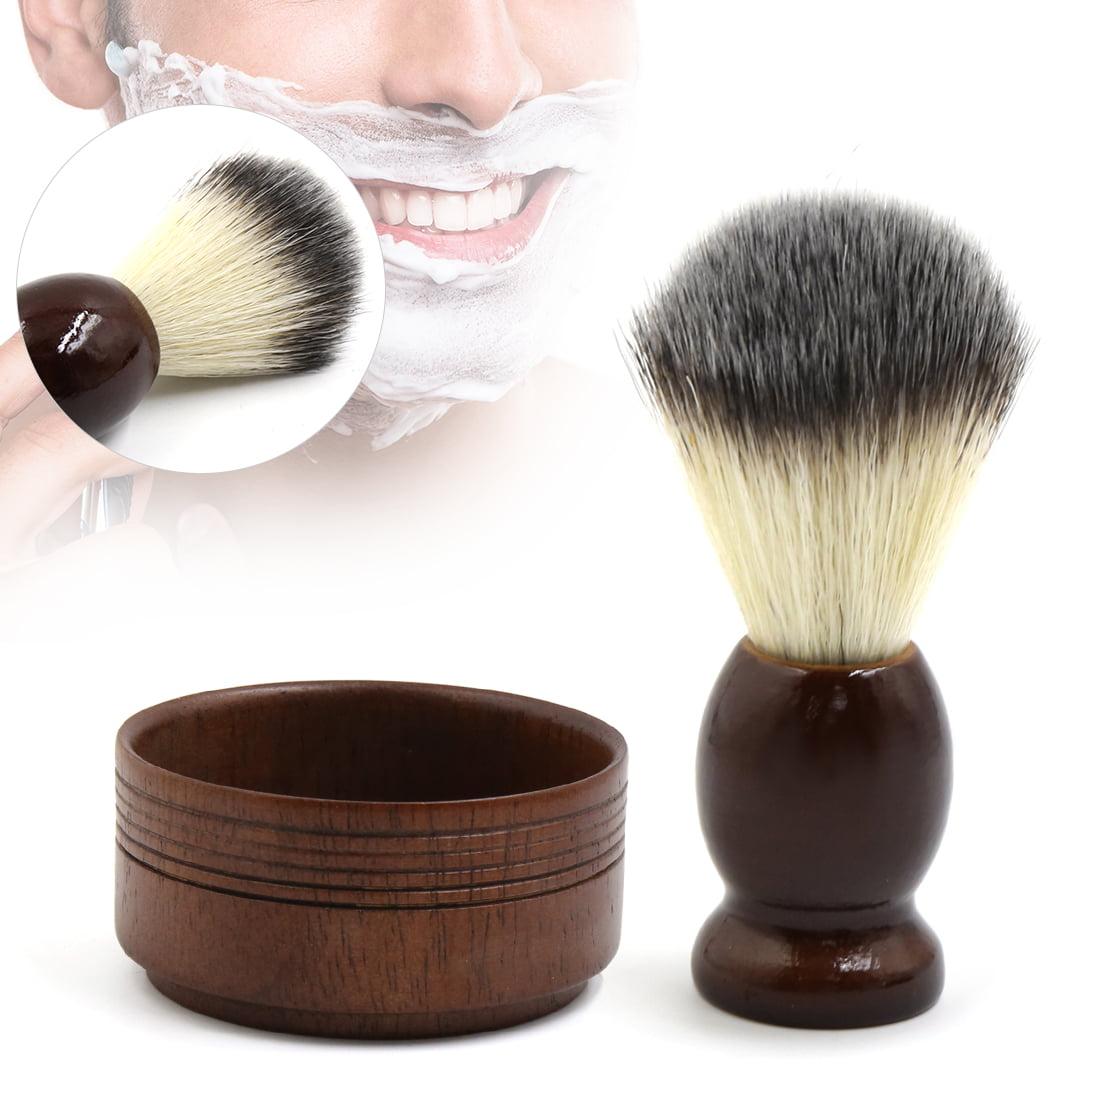 Mens Vintage Badger Hair Shaving Brush And Mug Bowl Kit For Wet